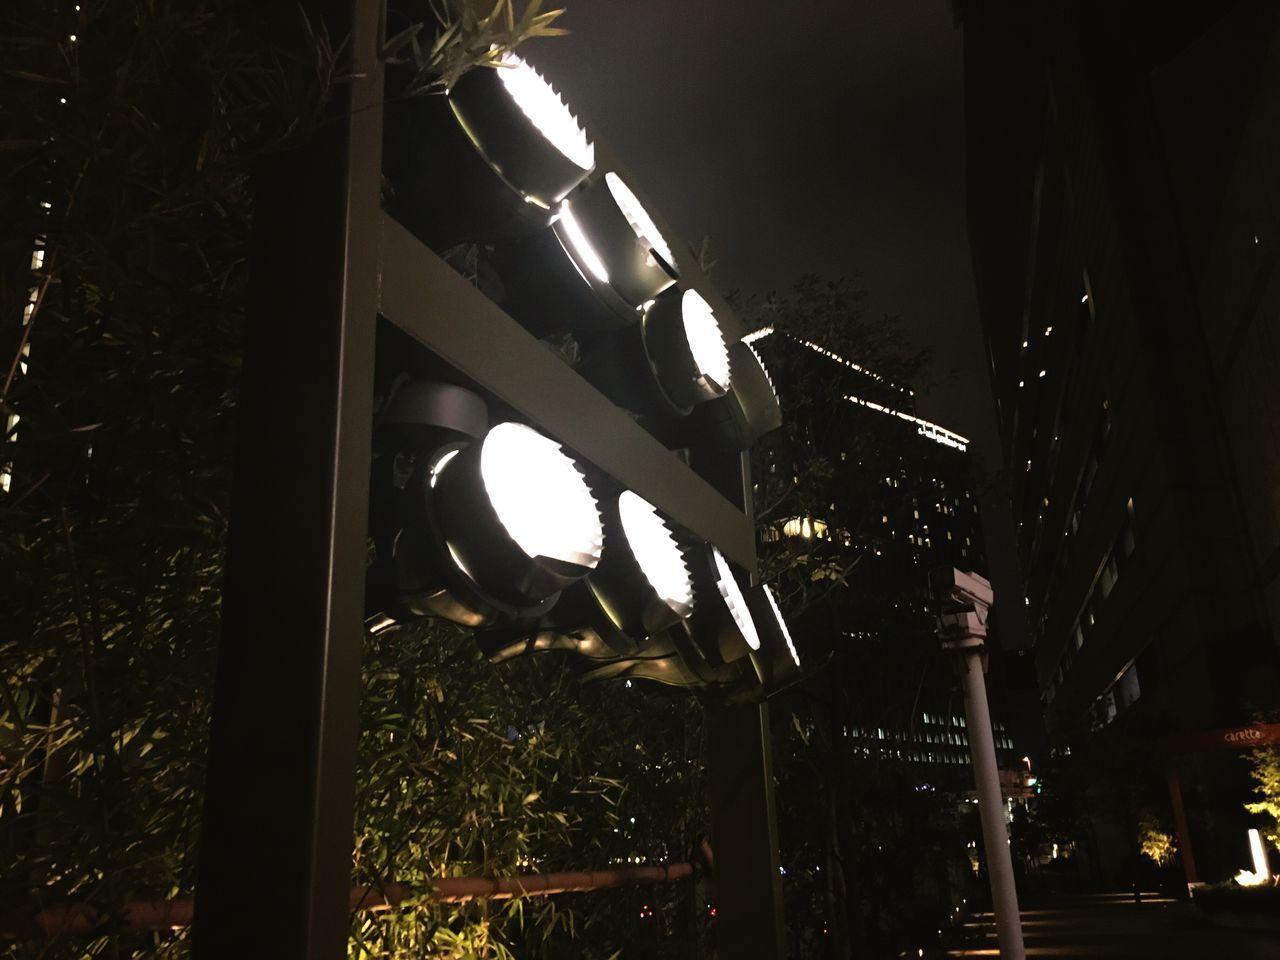 night, illuminated, lighting equipment, no people, outdoors